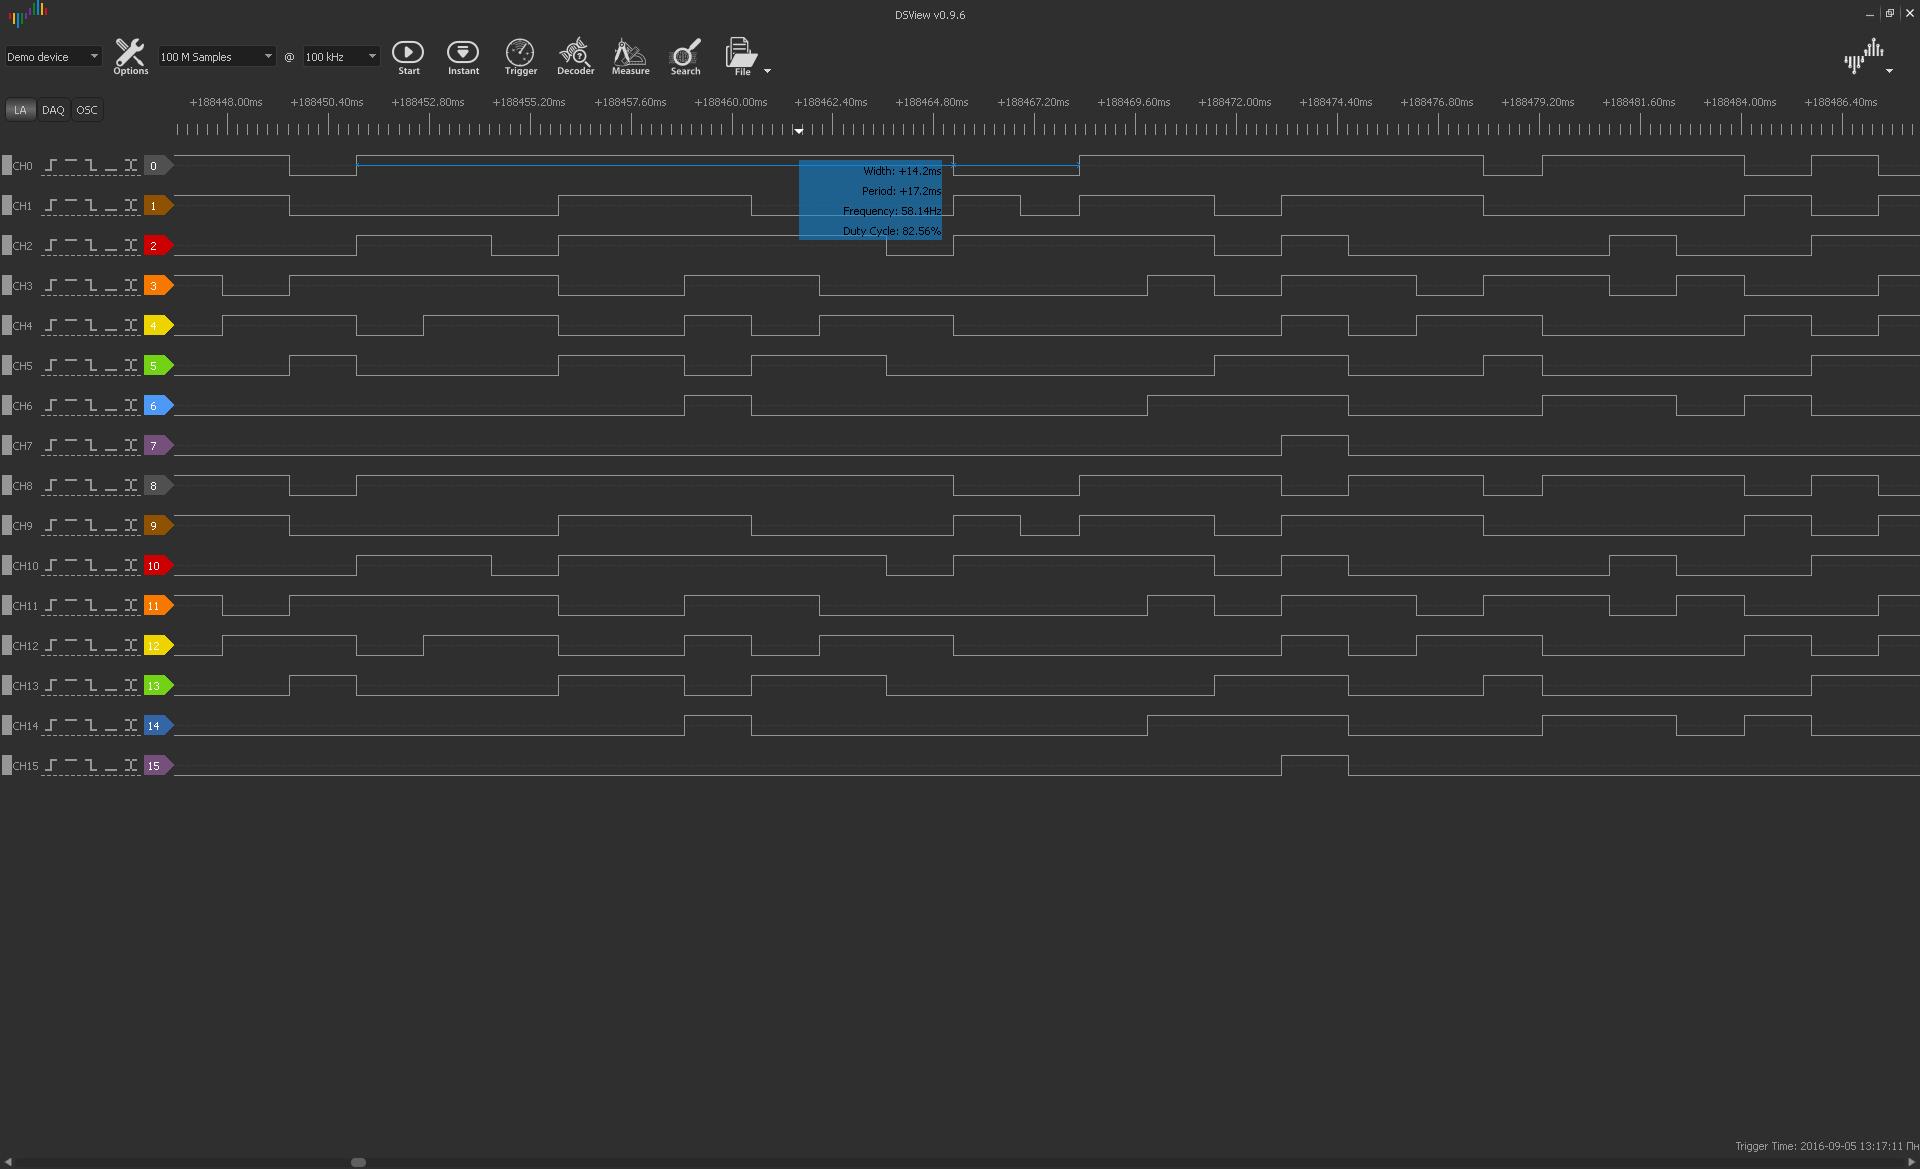 Небольшой обзор логических анализаторов Saleae Logic Pro 8 и DreamSourceLab DSLogic Pro - 11